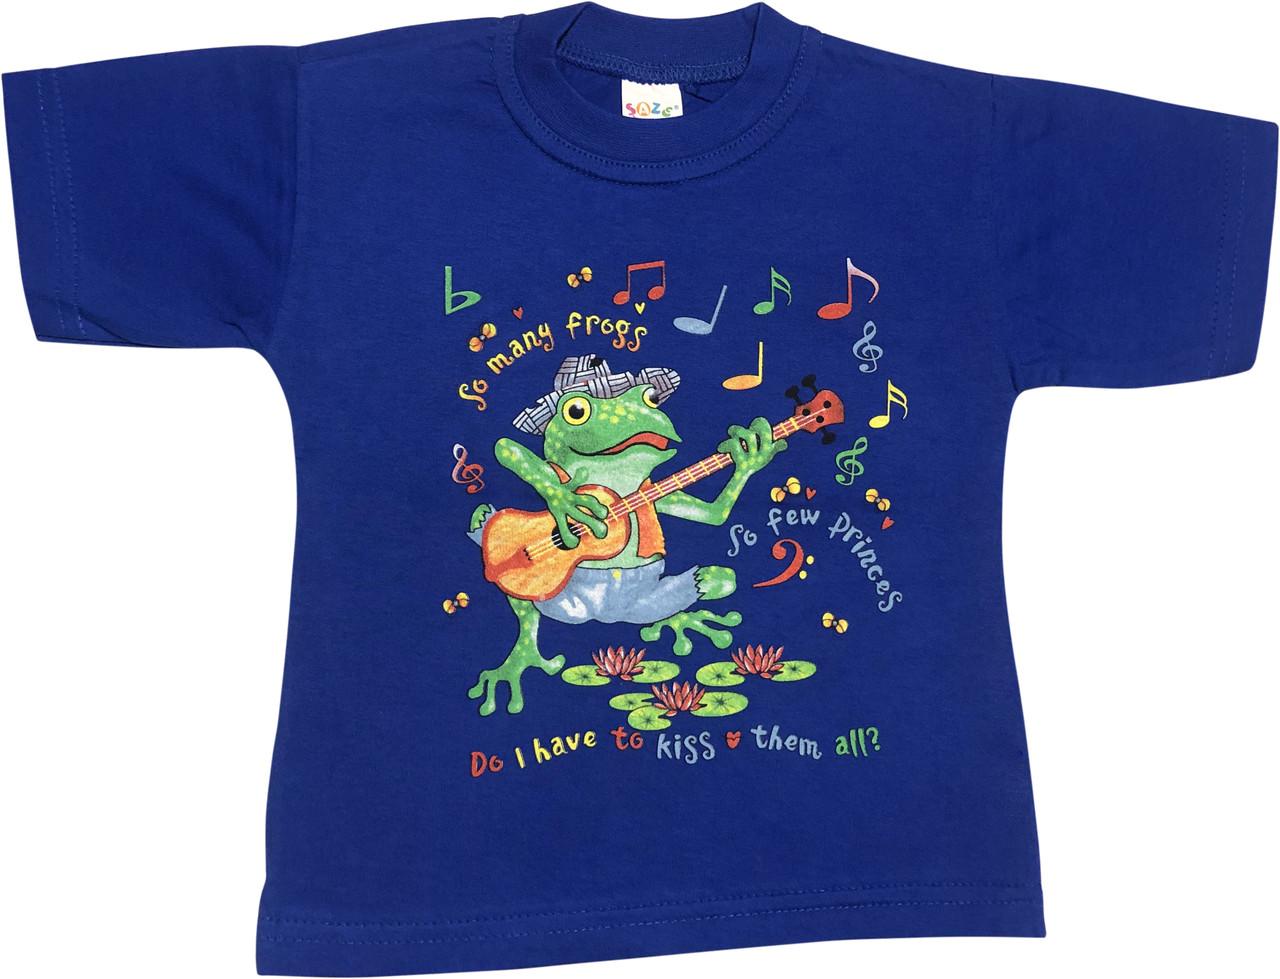 Детская футболка на мальчика рост 98 2-3 года для малышей с принтом рисунком яркая красивая трикотажная синяя